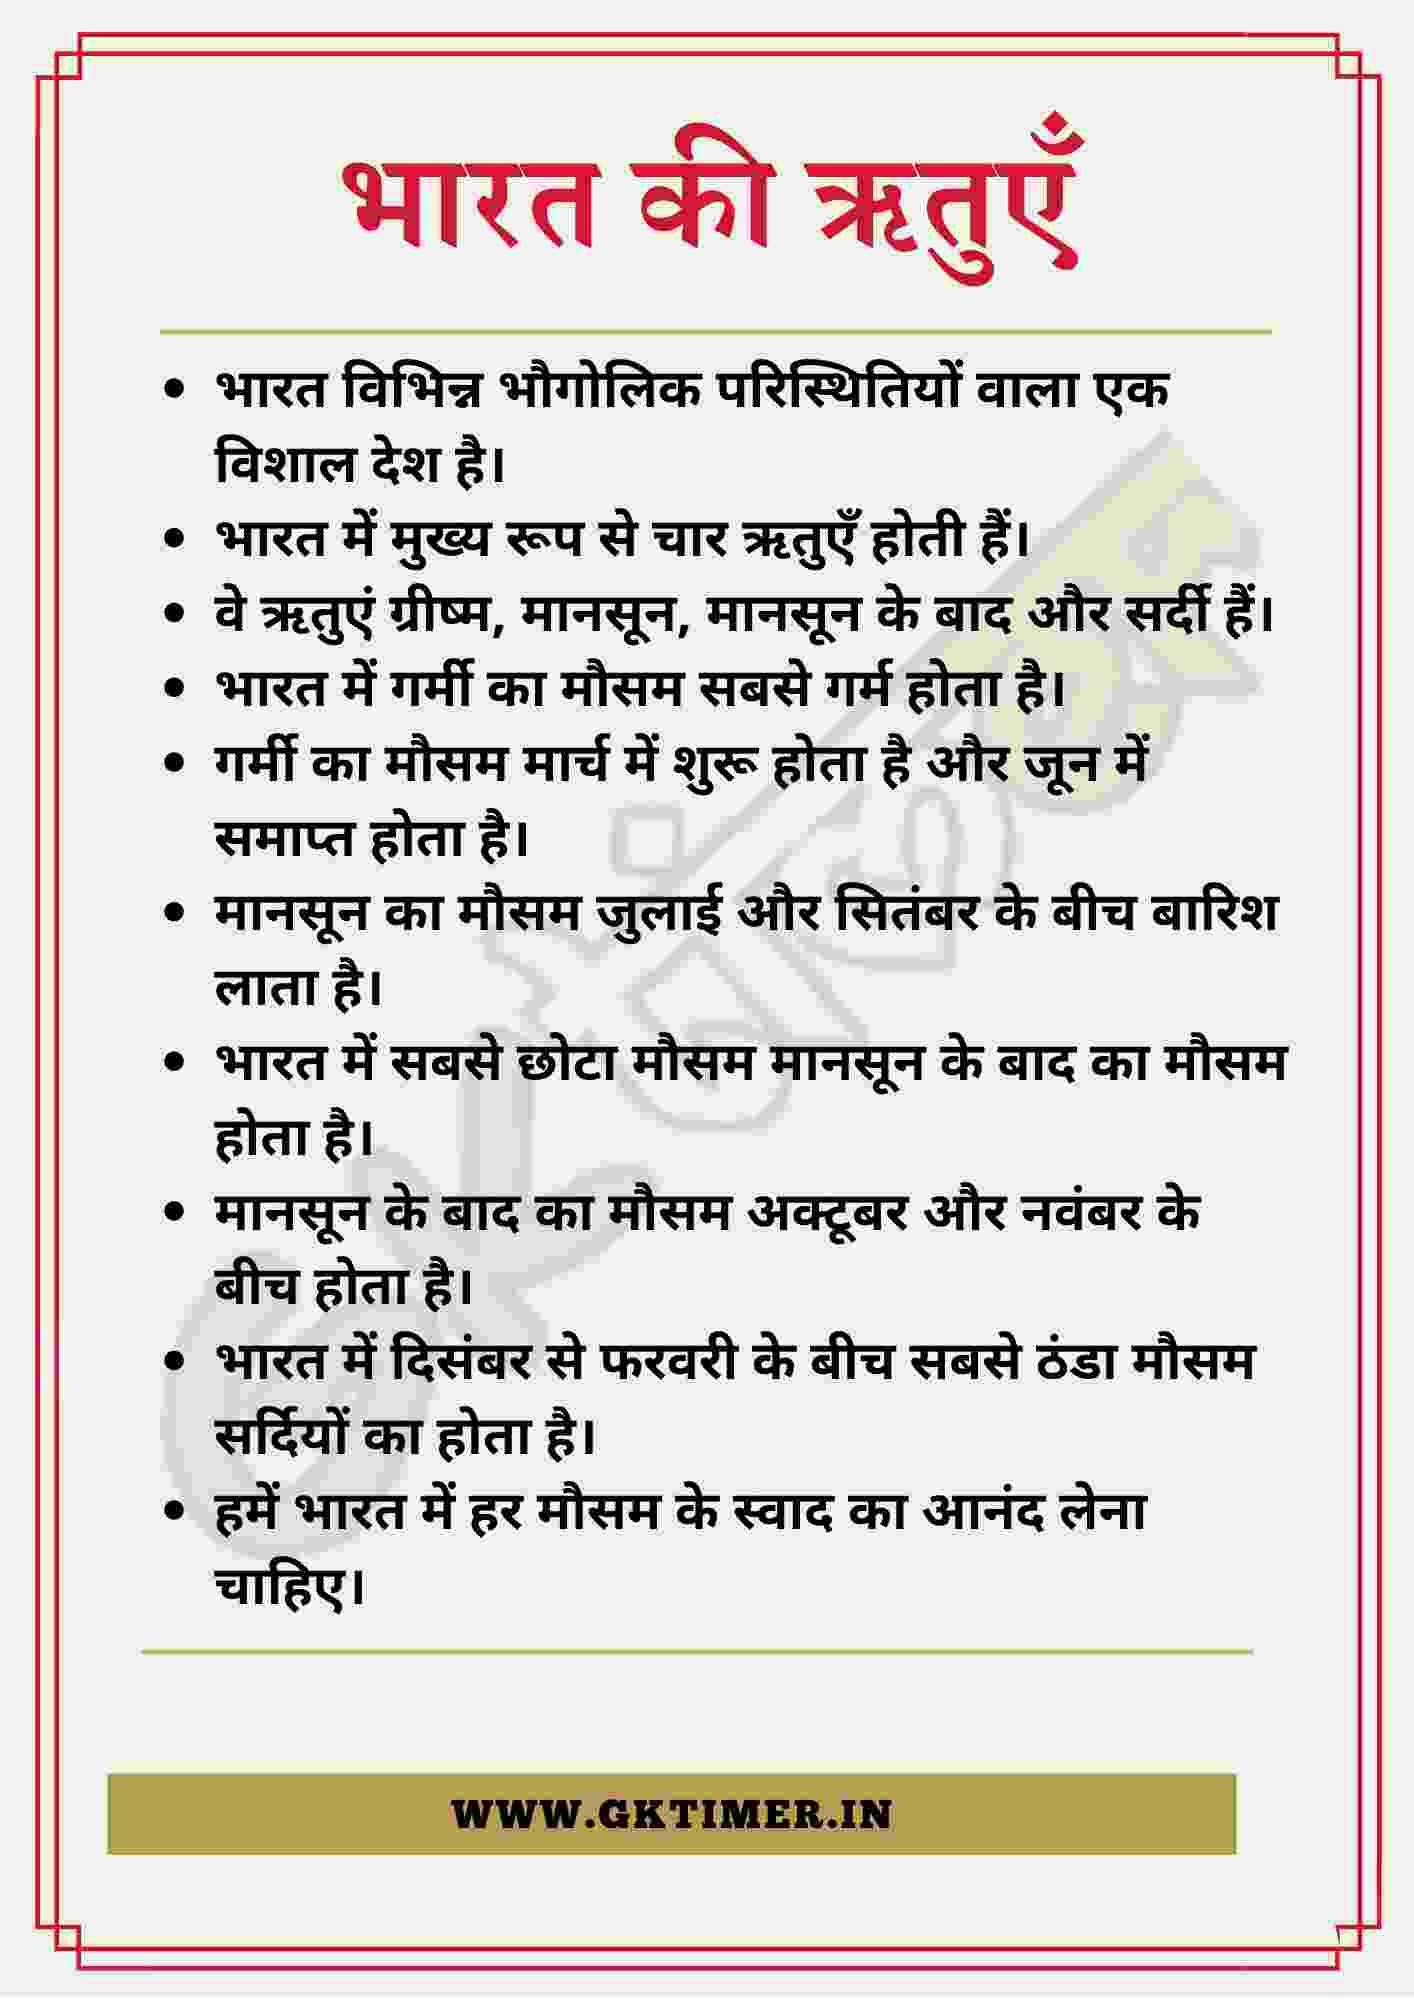 भारत में ऋतुओं पर निबंध   Seasons in India  Essay in Hindi   10 Lines on Seasons in India Essay in Hindi